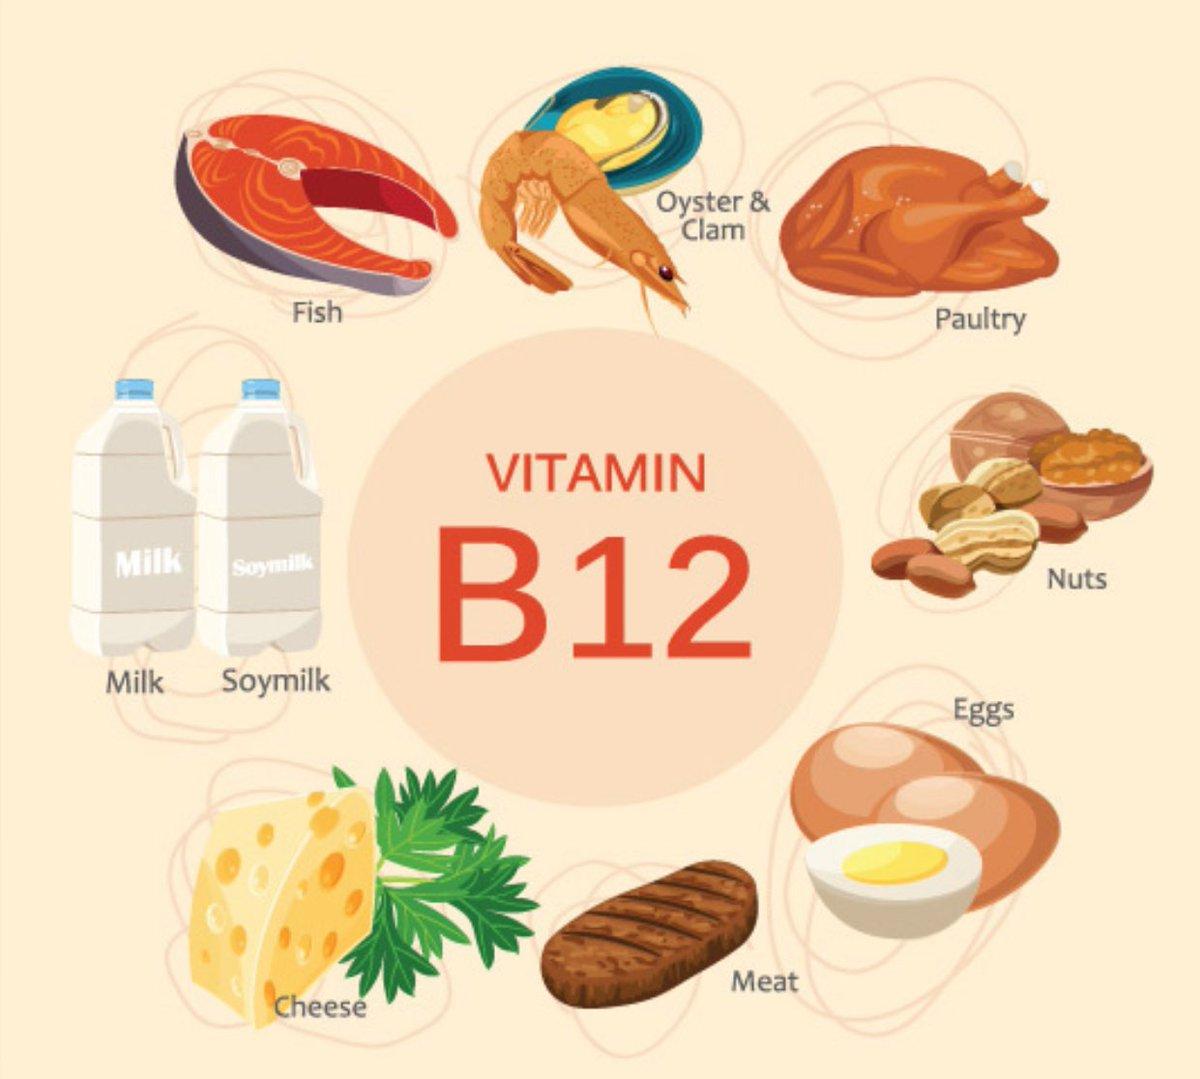 بالصور فيتامين 12 b , اهميه فيتامينات الحبوب لجسم الانسان 2100 2